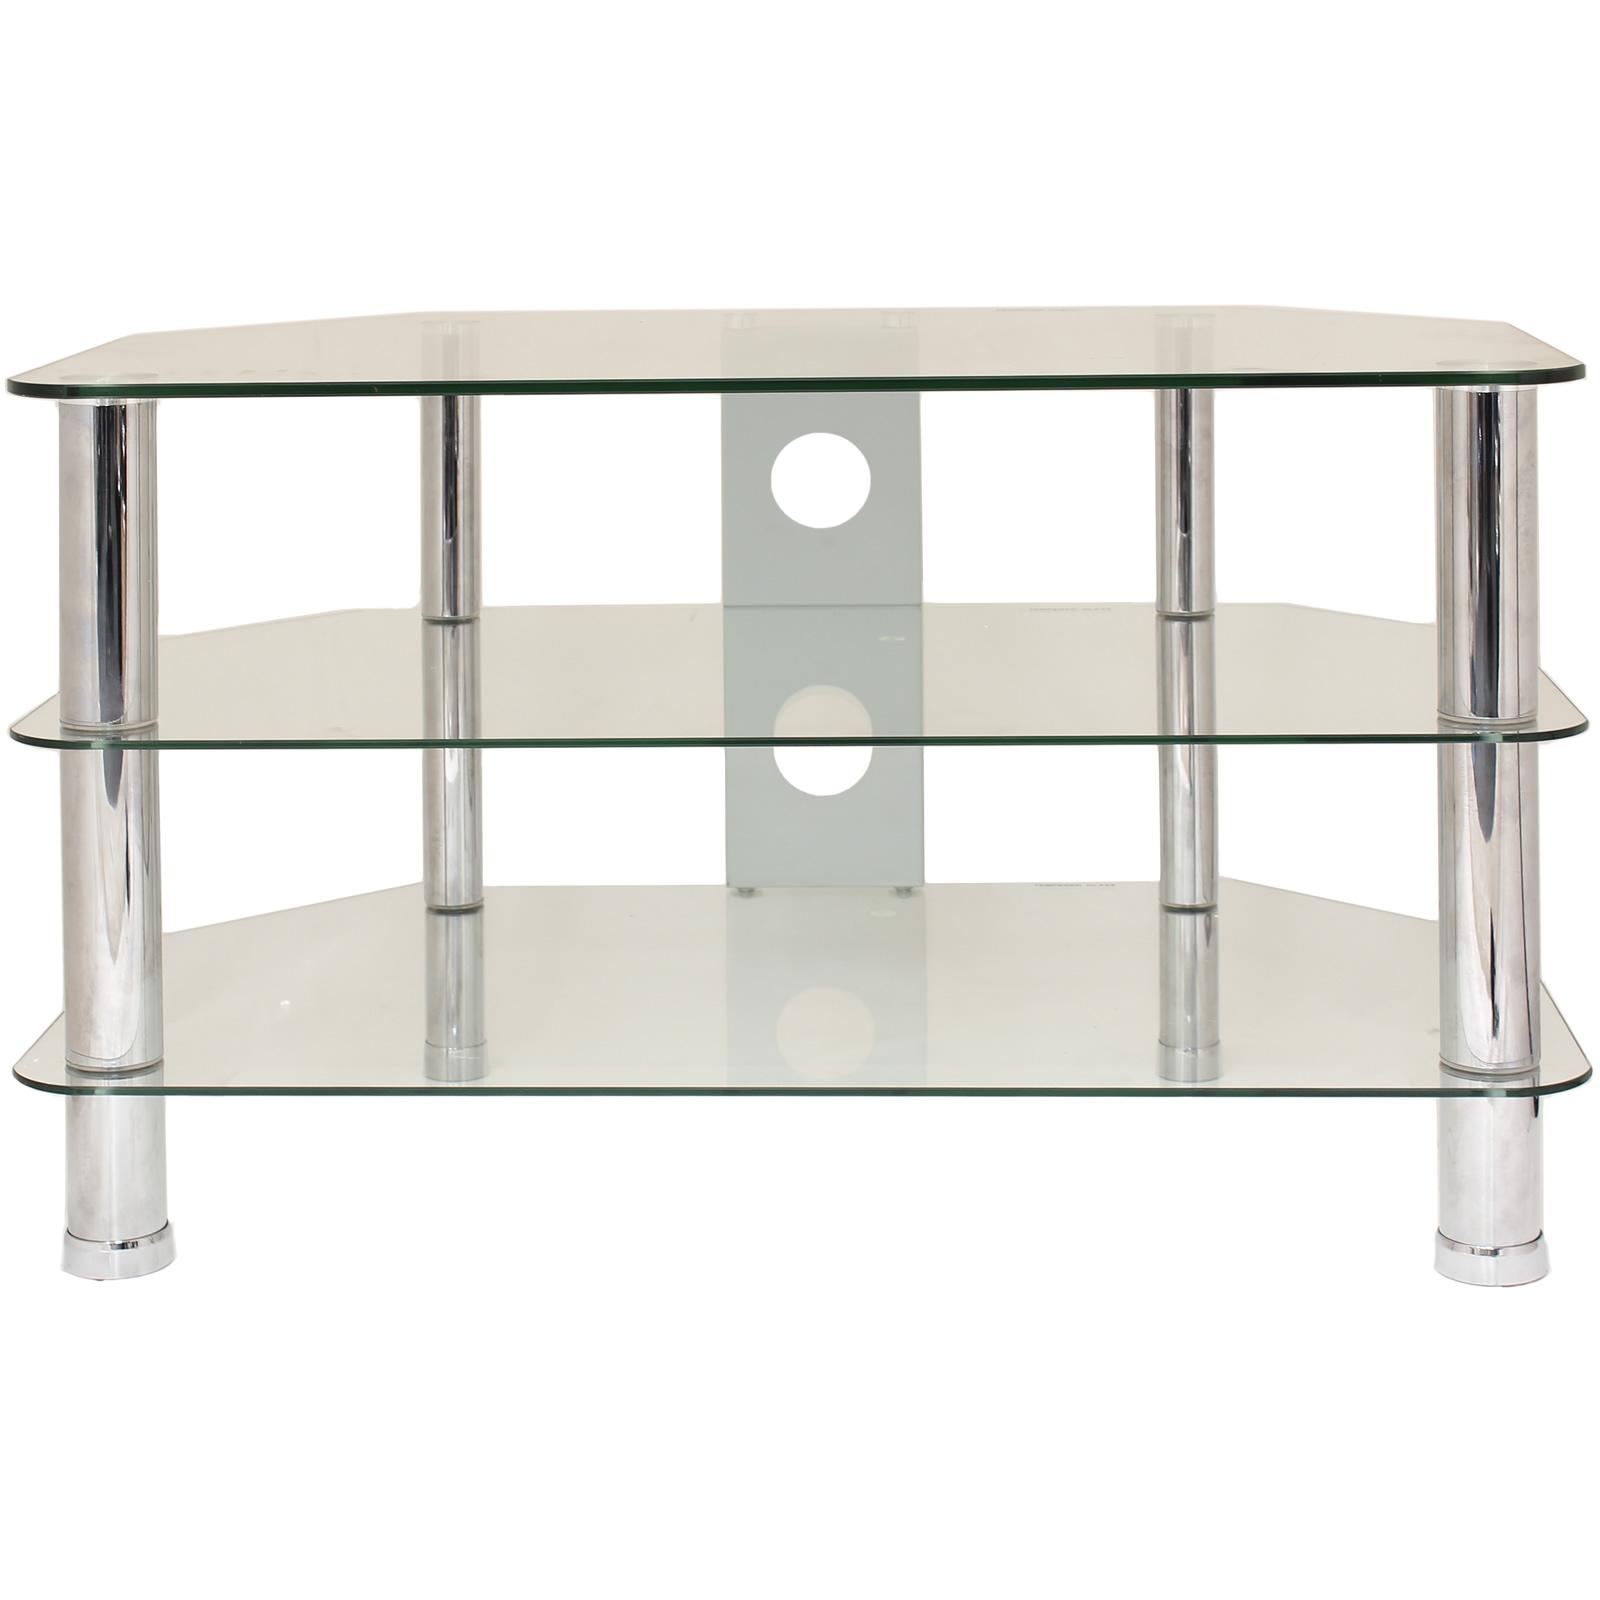 3 tier glass corner tv stand shelf led lcd plasma. Black Bedroom Furniture Sets. Home Design Ideas